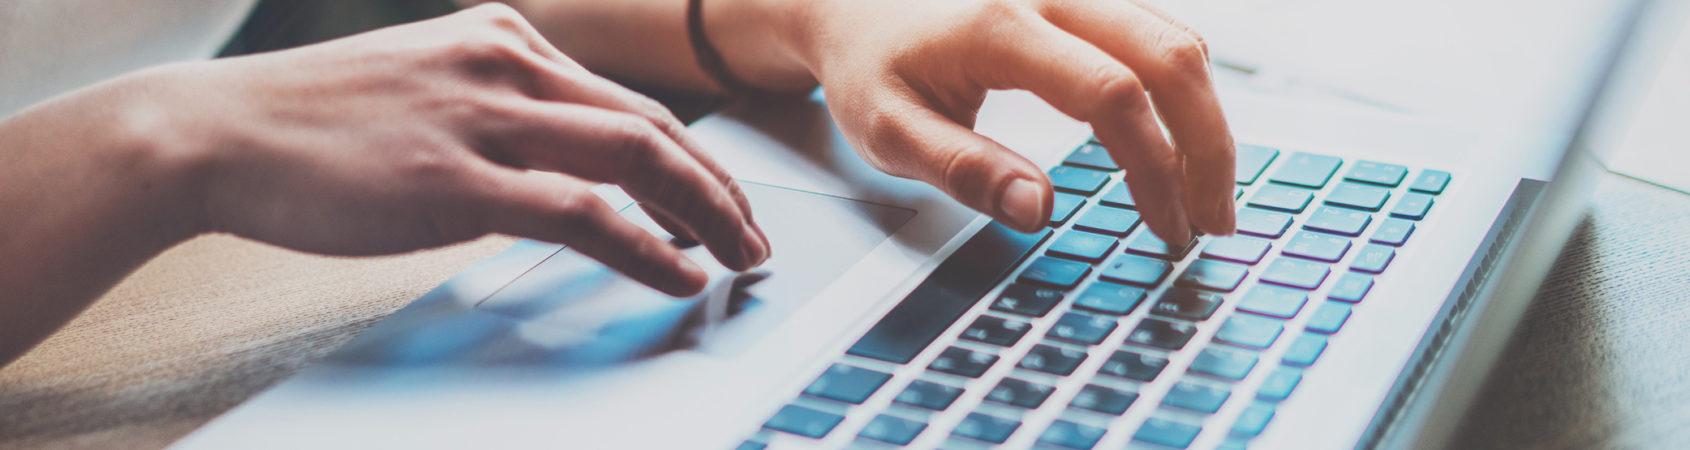 6 étapes pour devenir un expert en rédaction